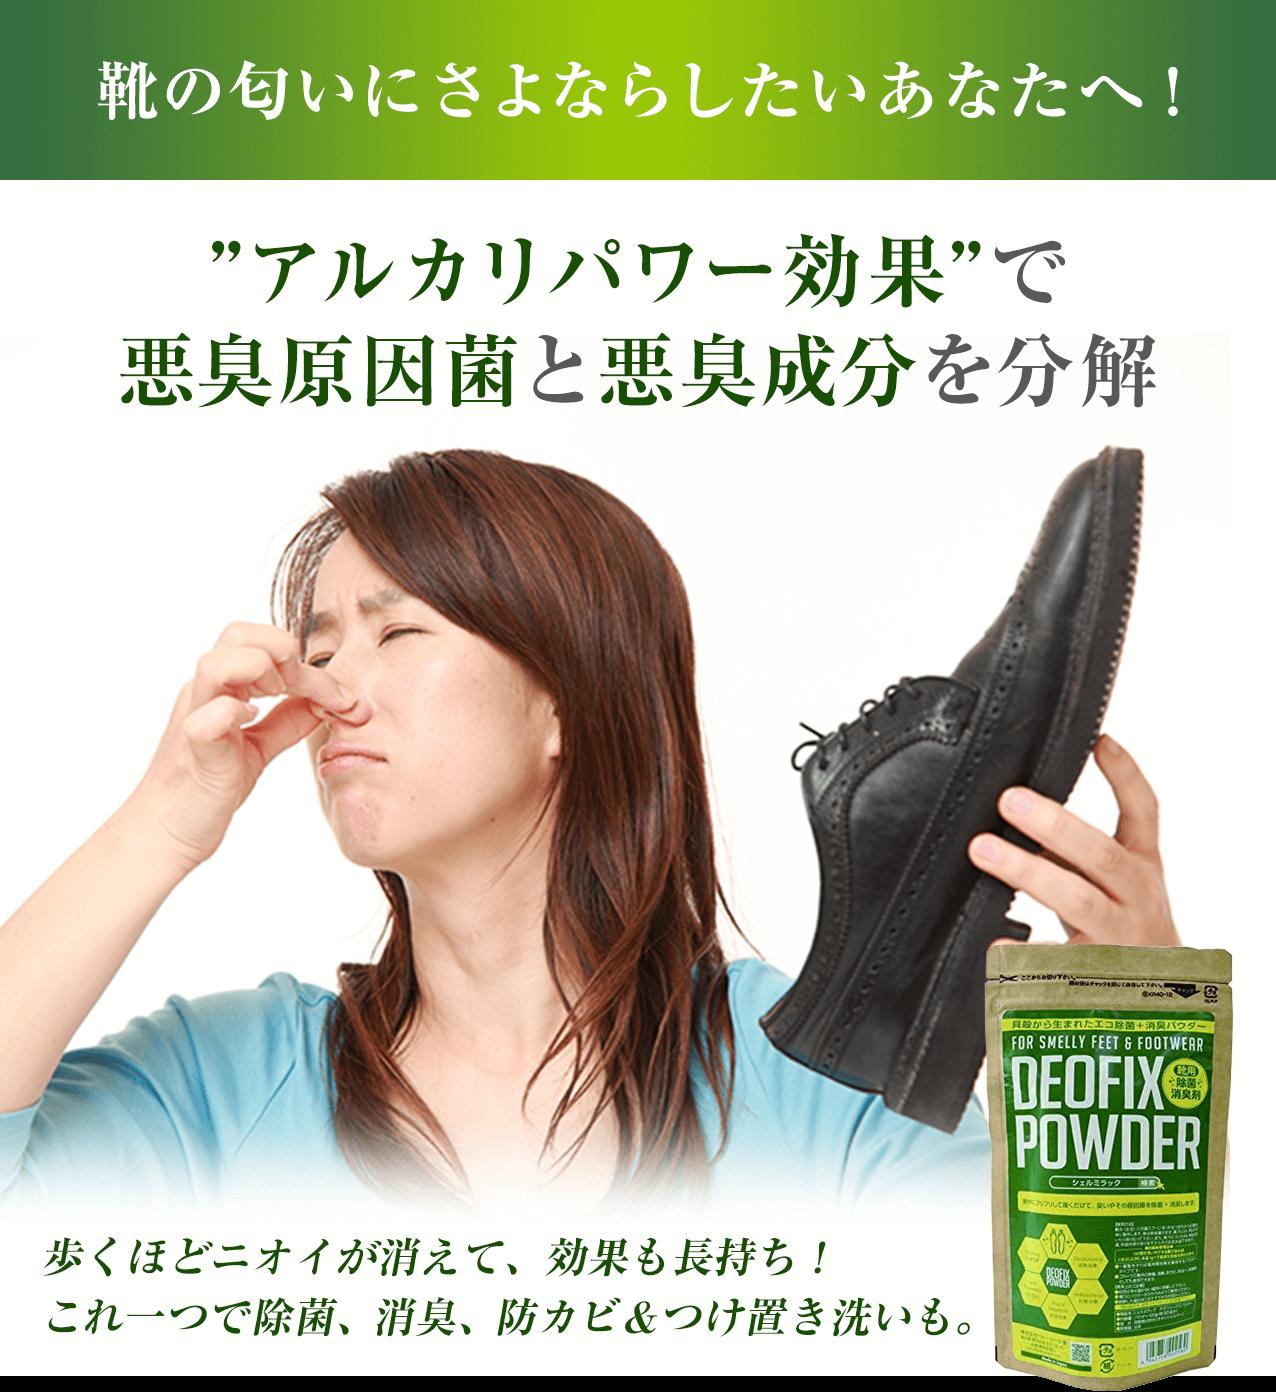 """靴の匂いにさよならしたいあなたへ!""""アルカリパワー効果""""で悪臭原因菌と悪臭成分を分解"""